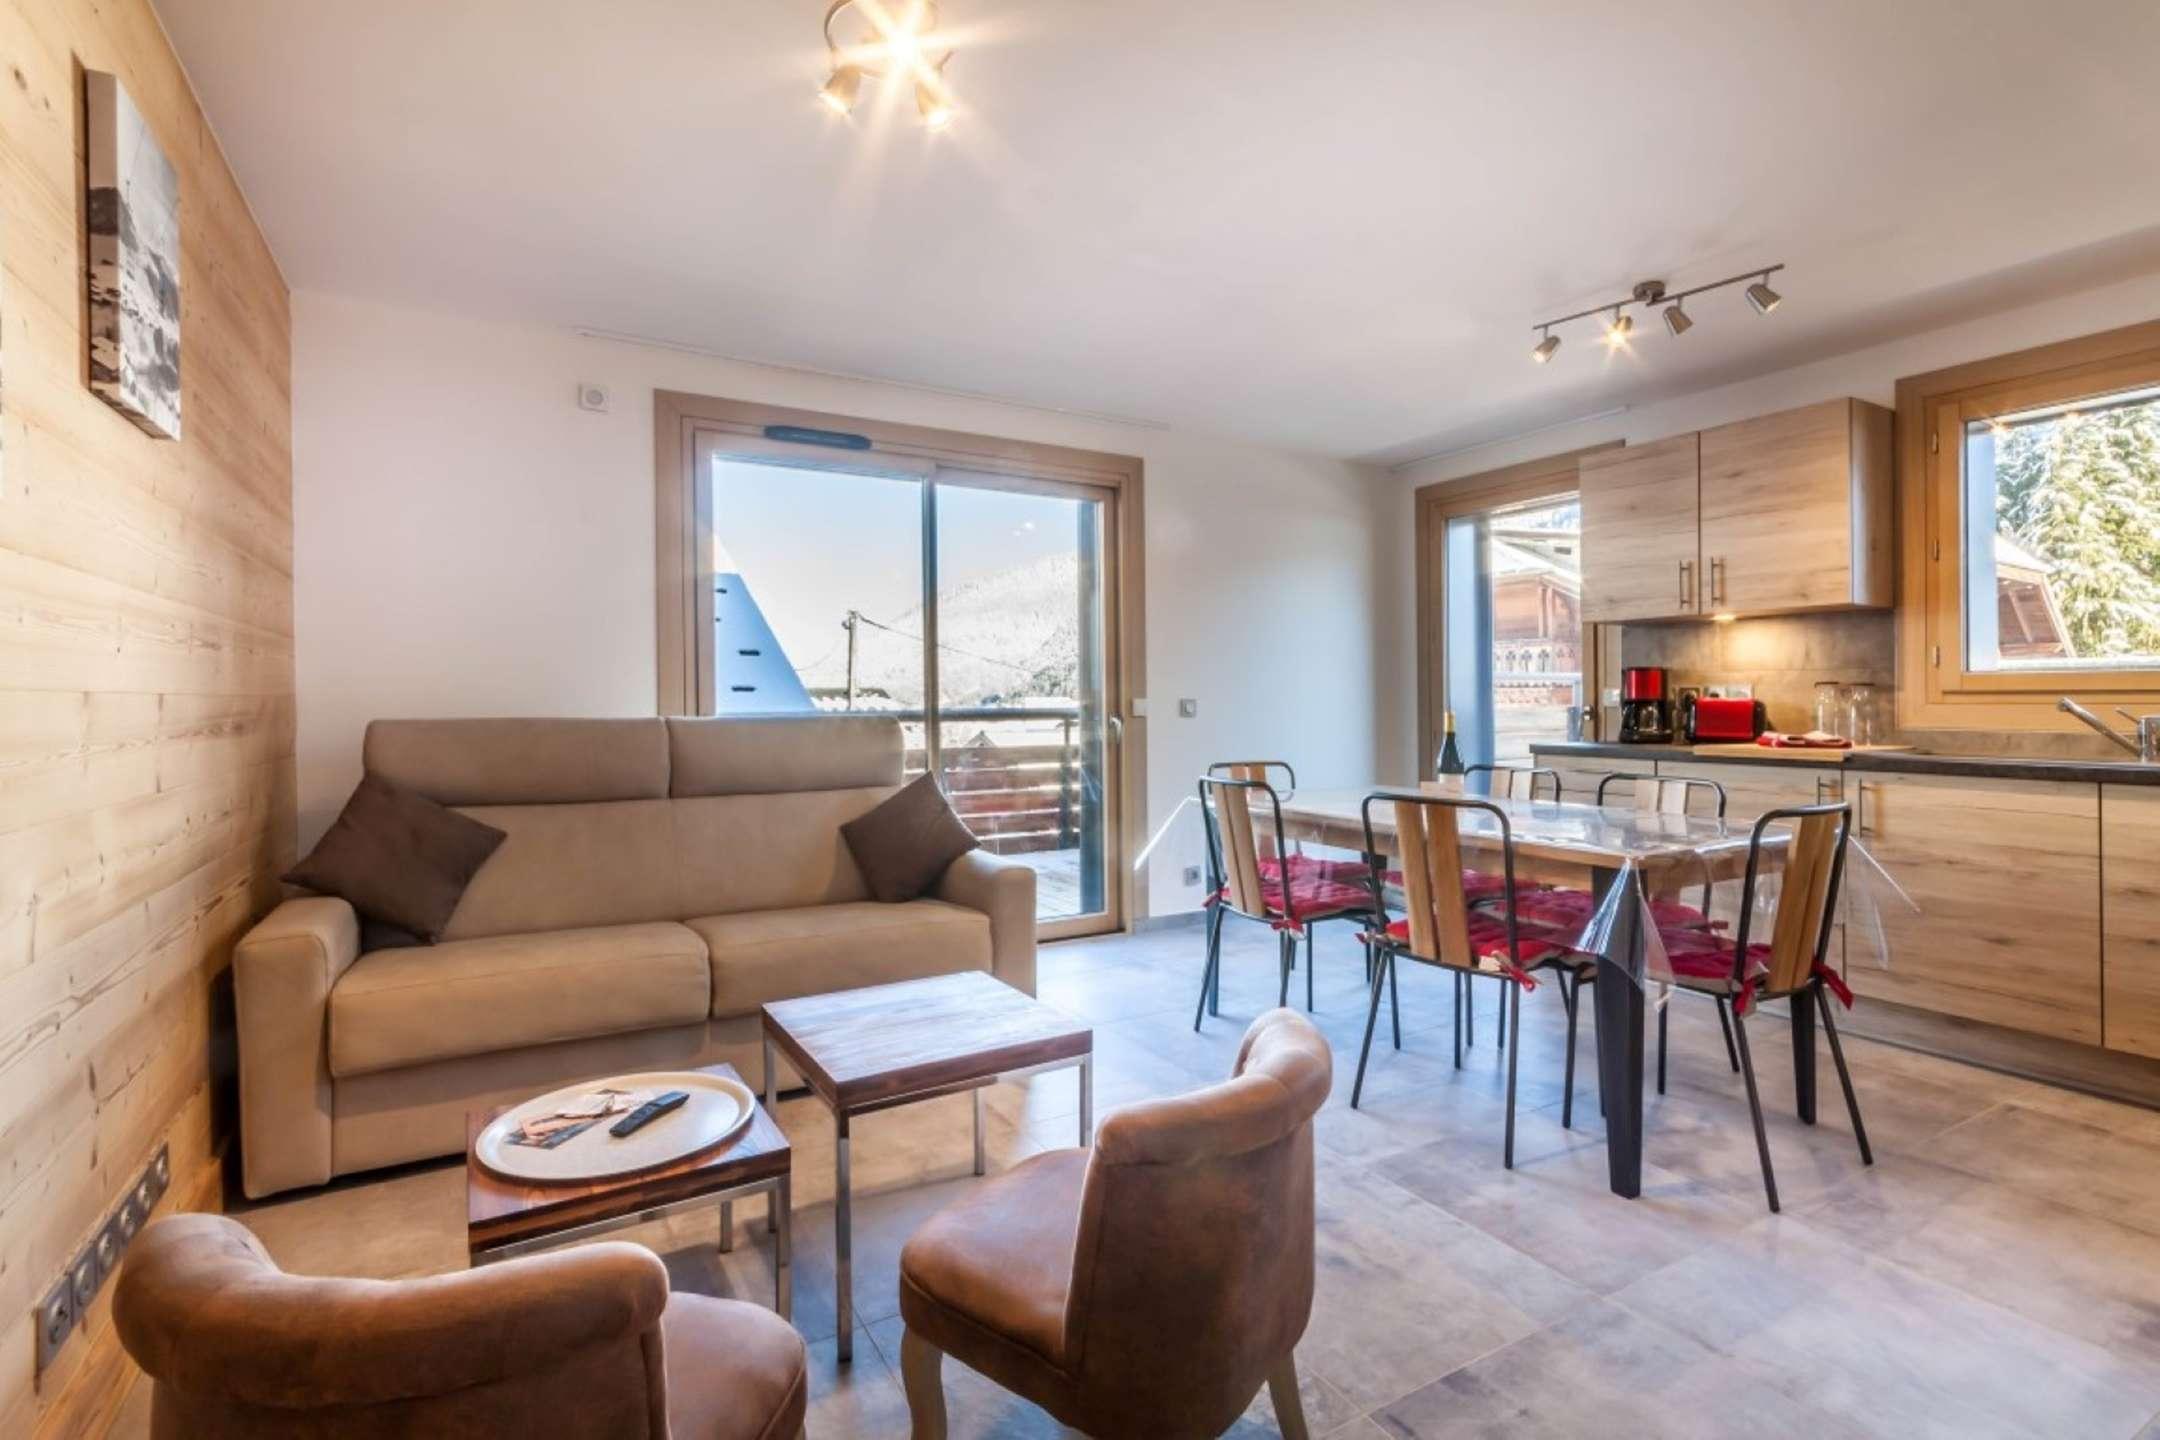 Magnifique appartement 8 personnes - résidence neuve au pied des pistes